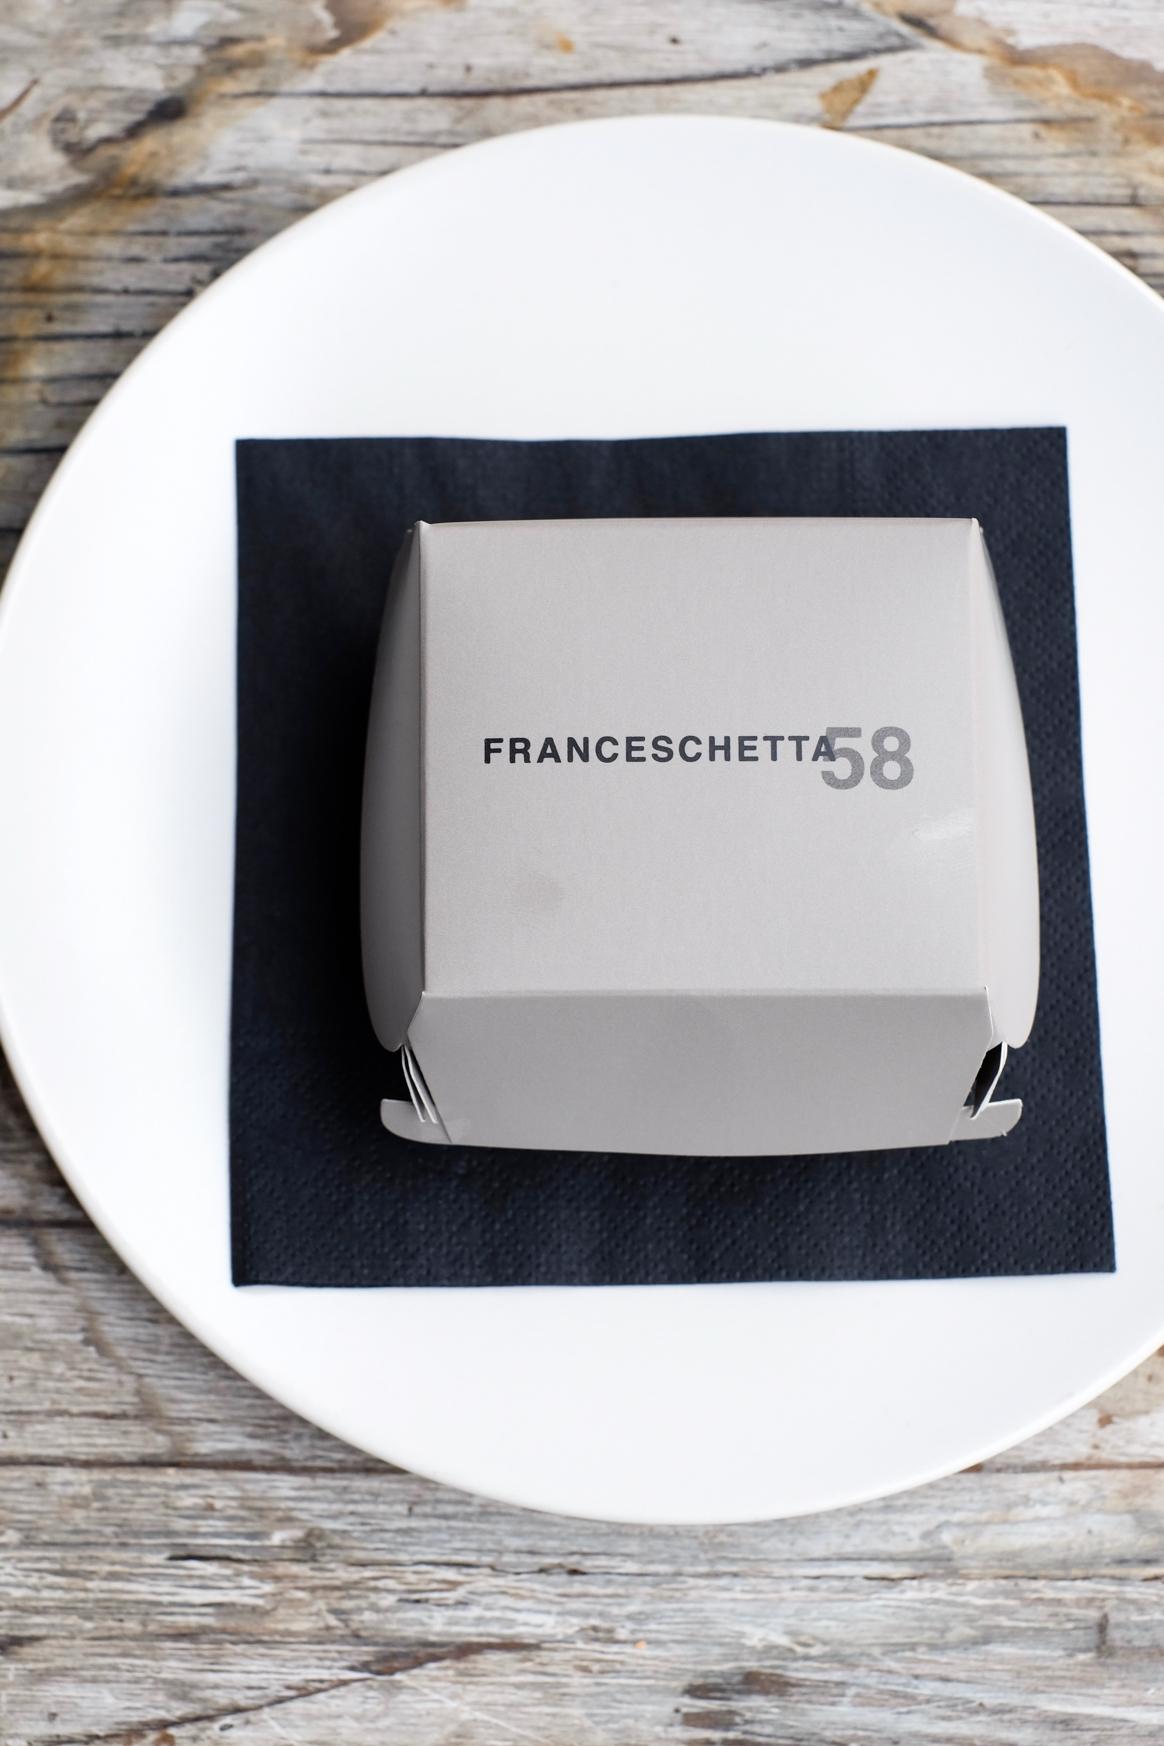 Franschetta58 Burger